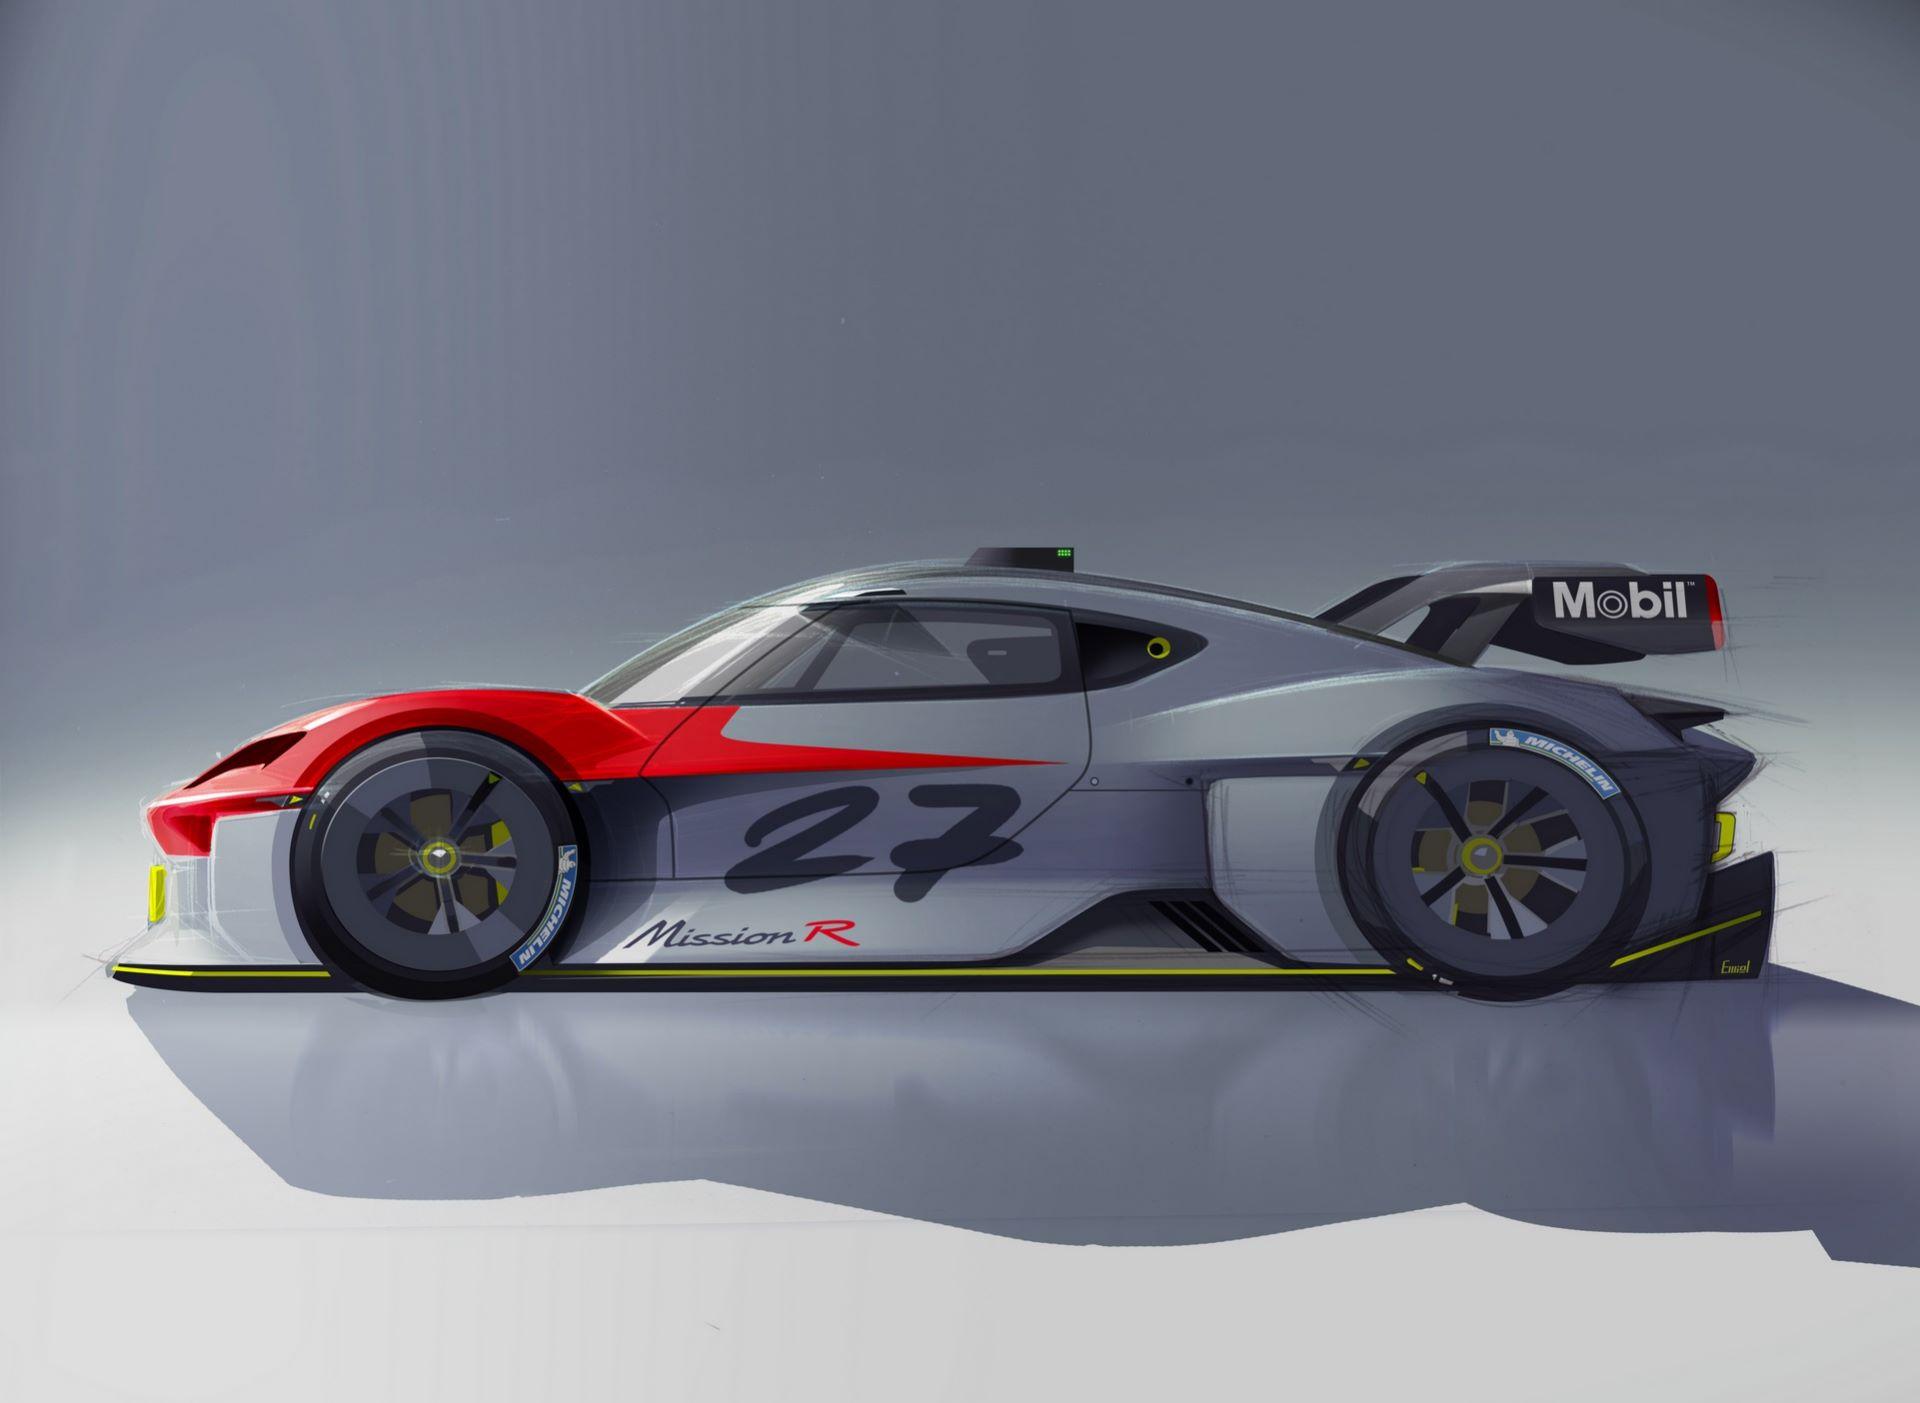 Porsche-Mission-R-concept-67